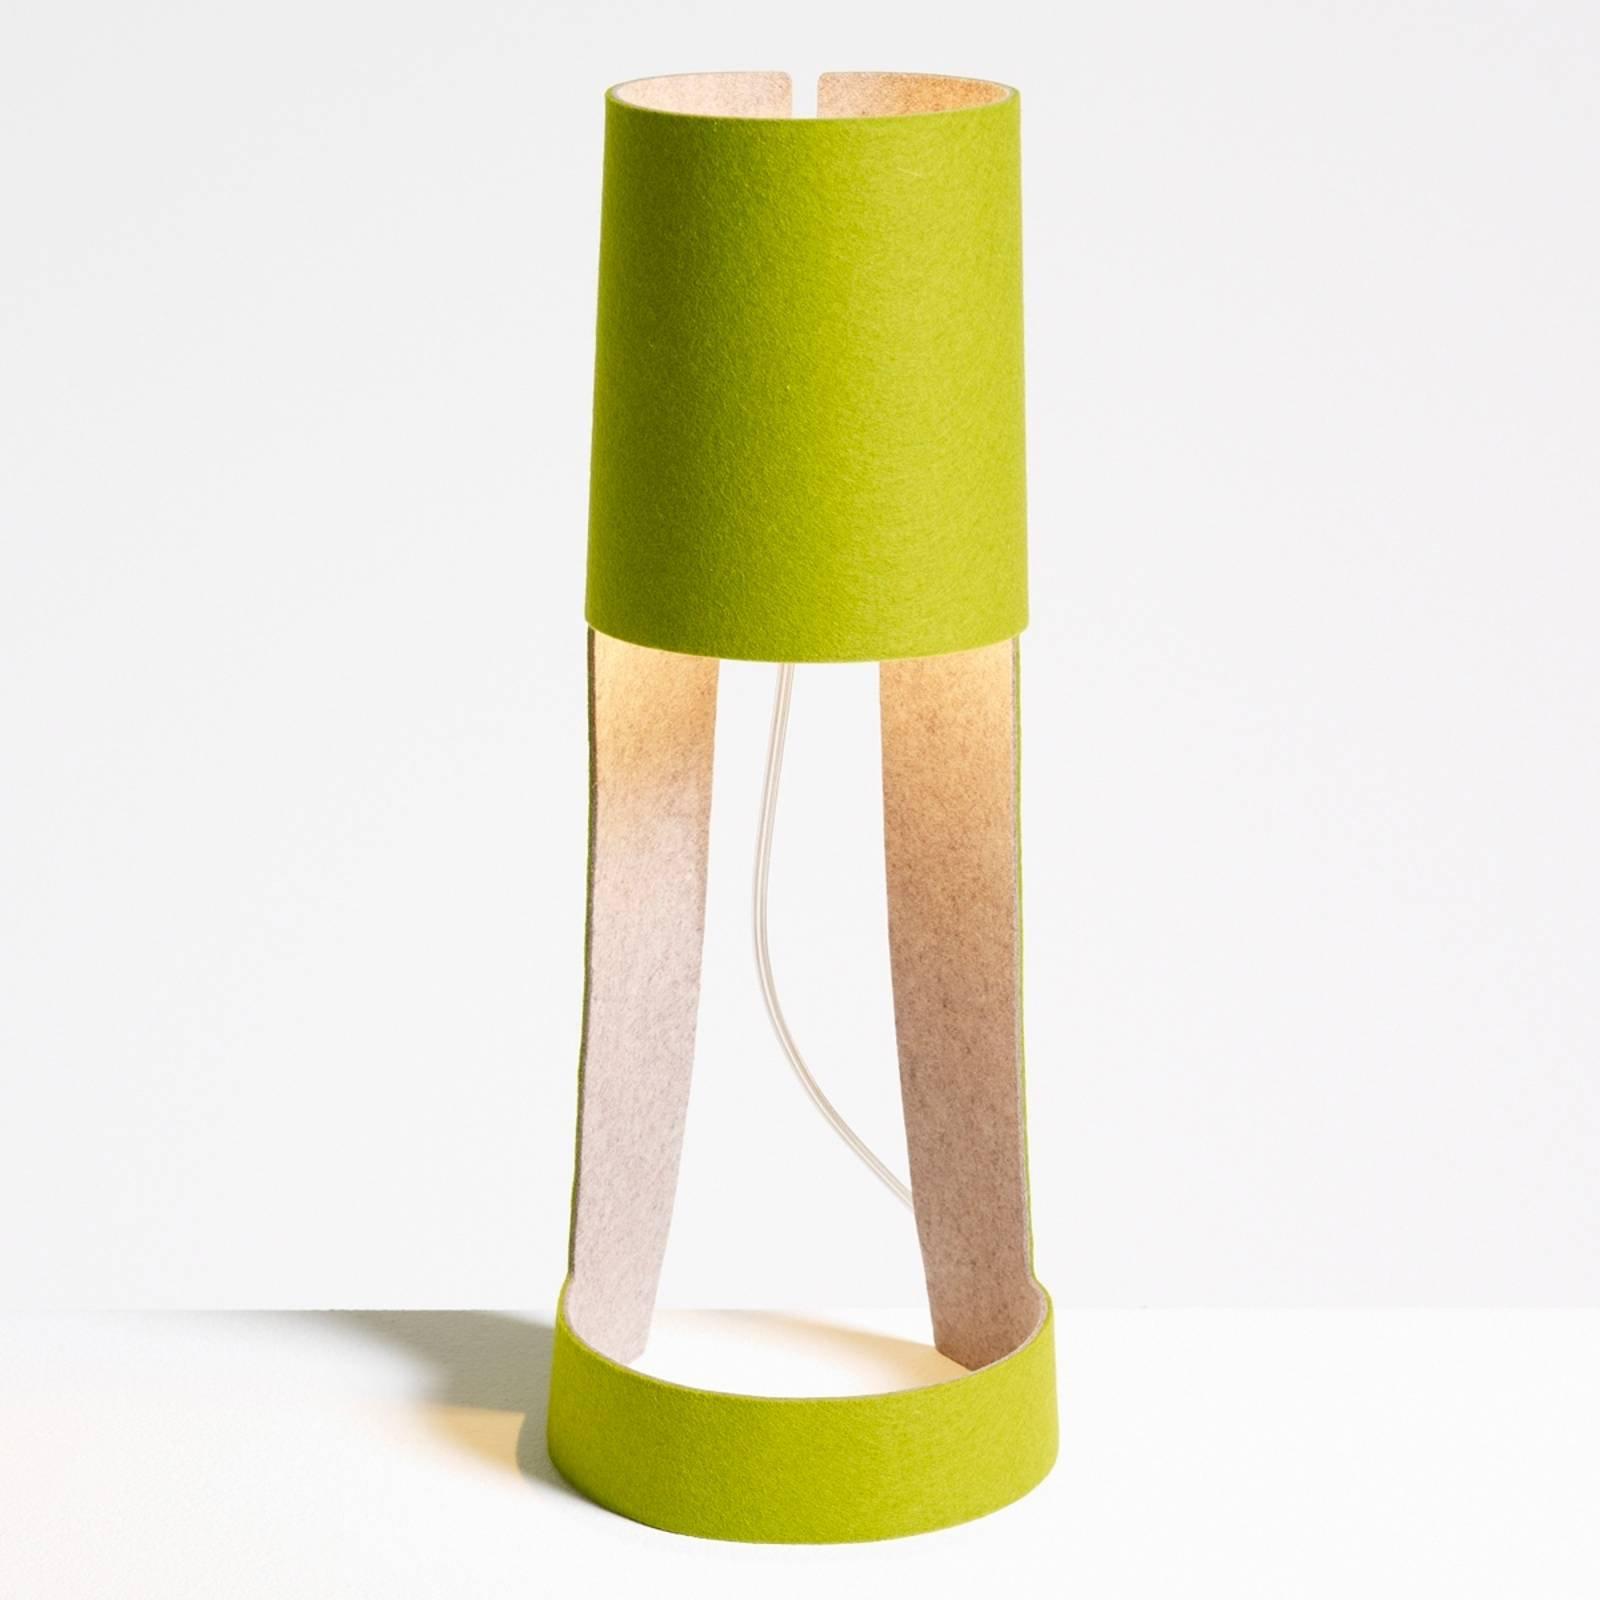 Mia bordlampe i grønt og grått